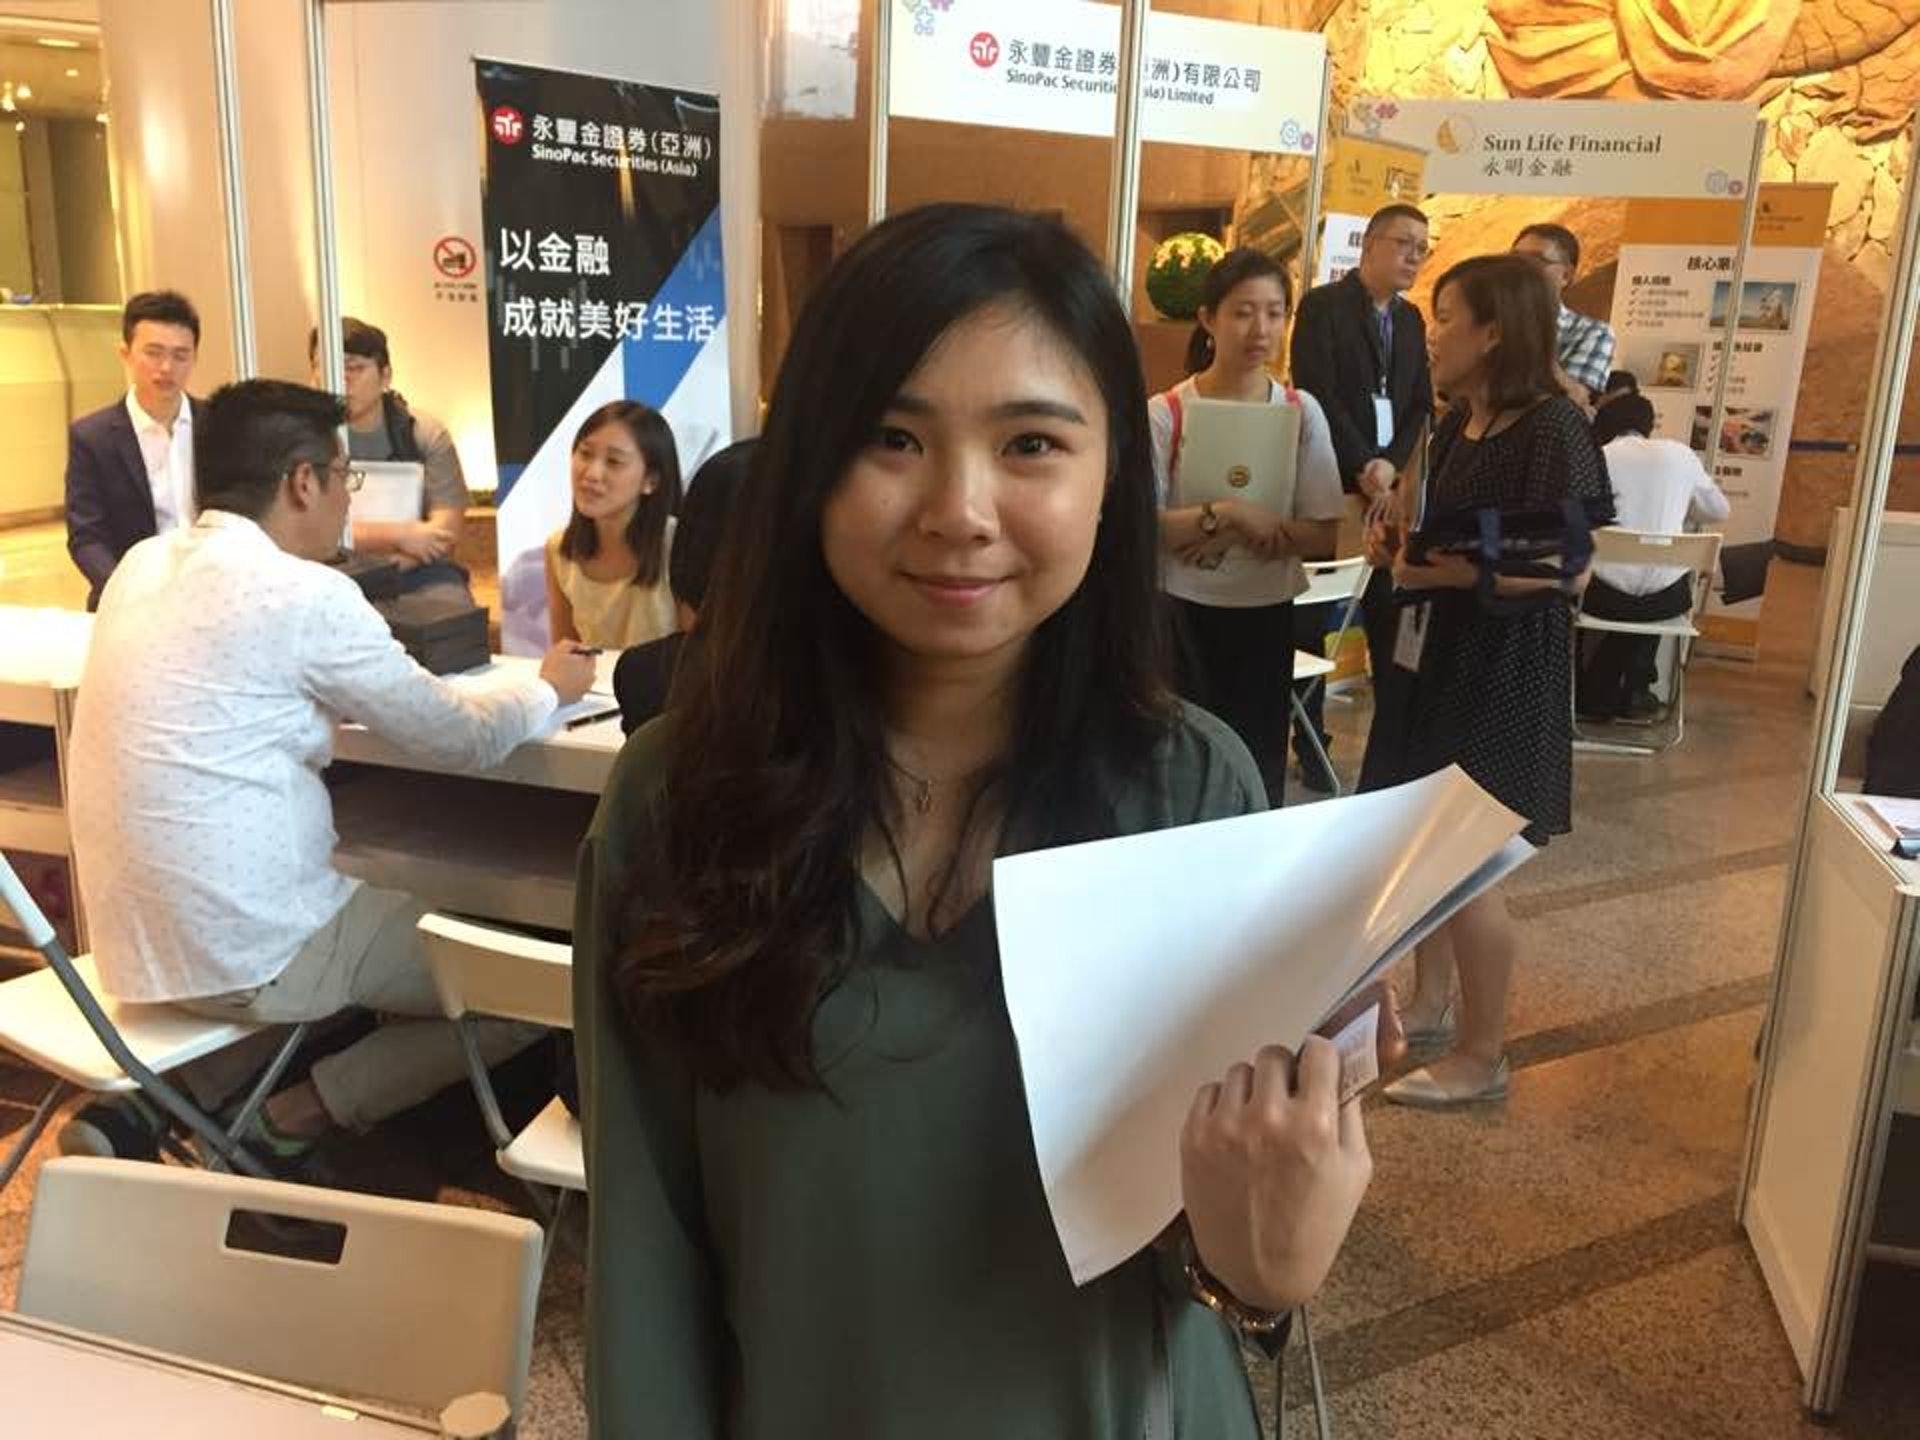 呂小姐羨慕台灣有民主制度及健全醫保系統。(張嘉敏攝)